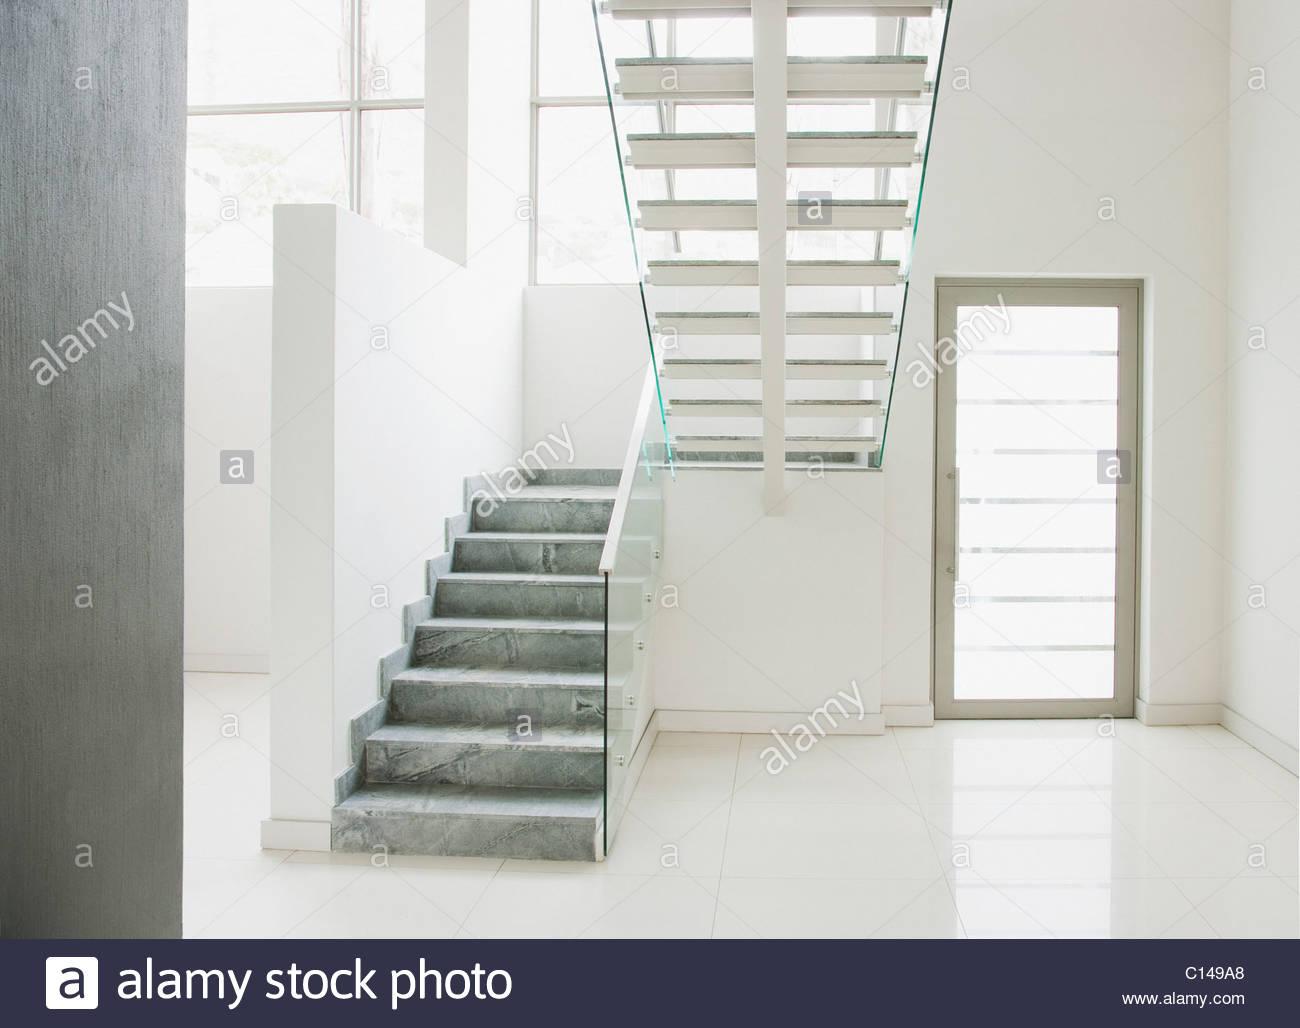 Faszinierend Schwebende Treppe Beste Wahl Und Glas Wände In Modernen